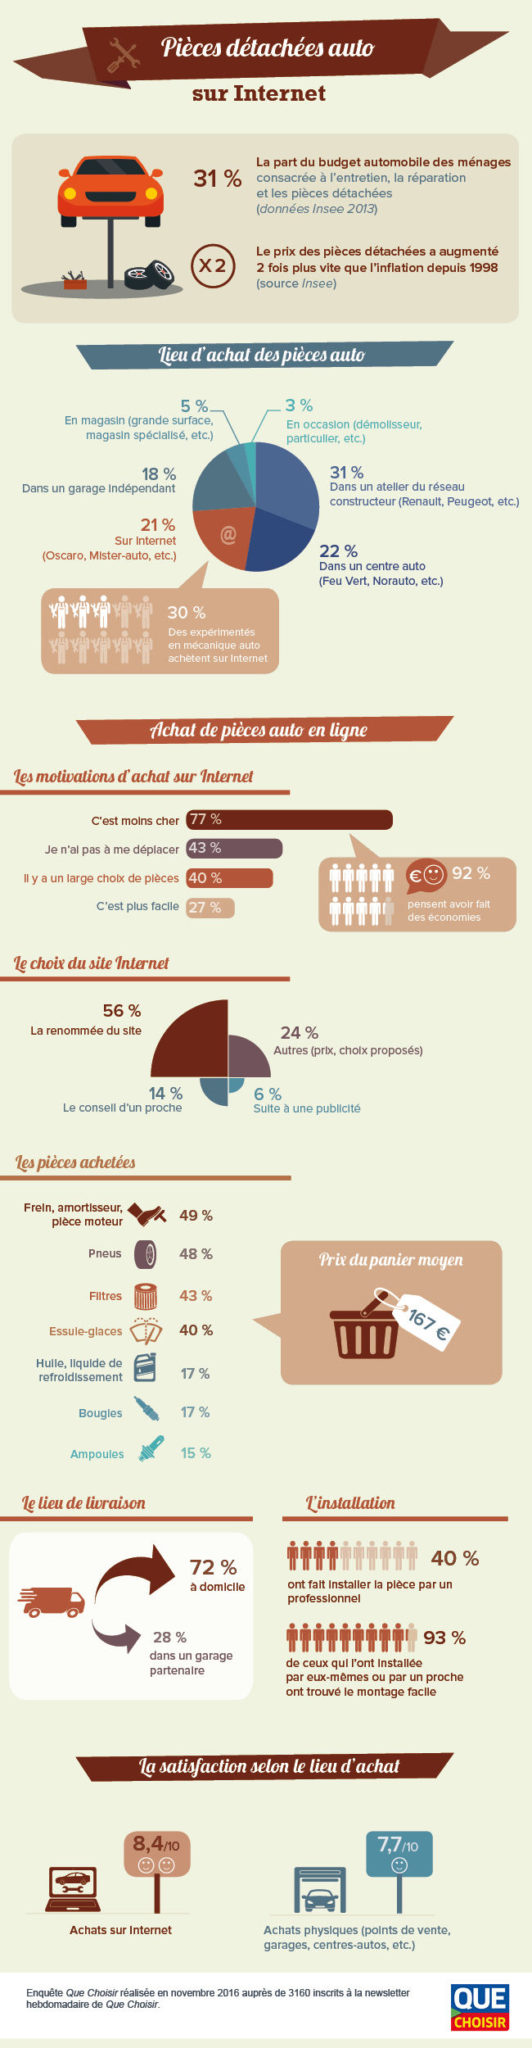 Infographie sur l'achat de pièces détachées automobiles sur internet